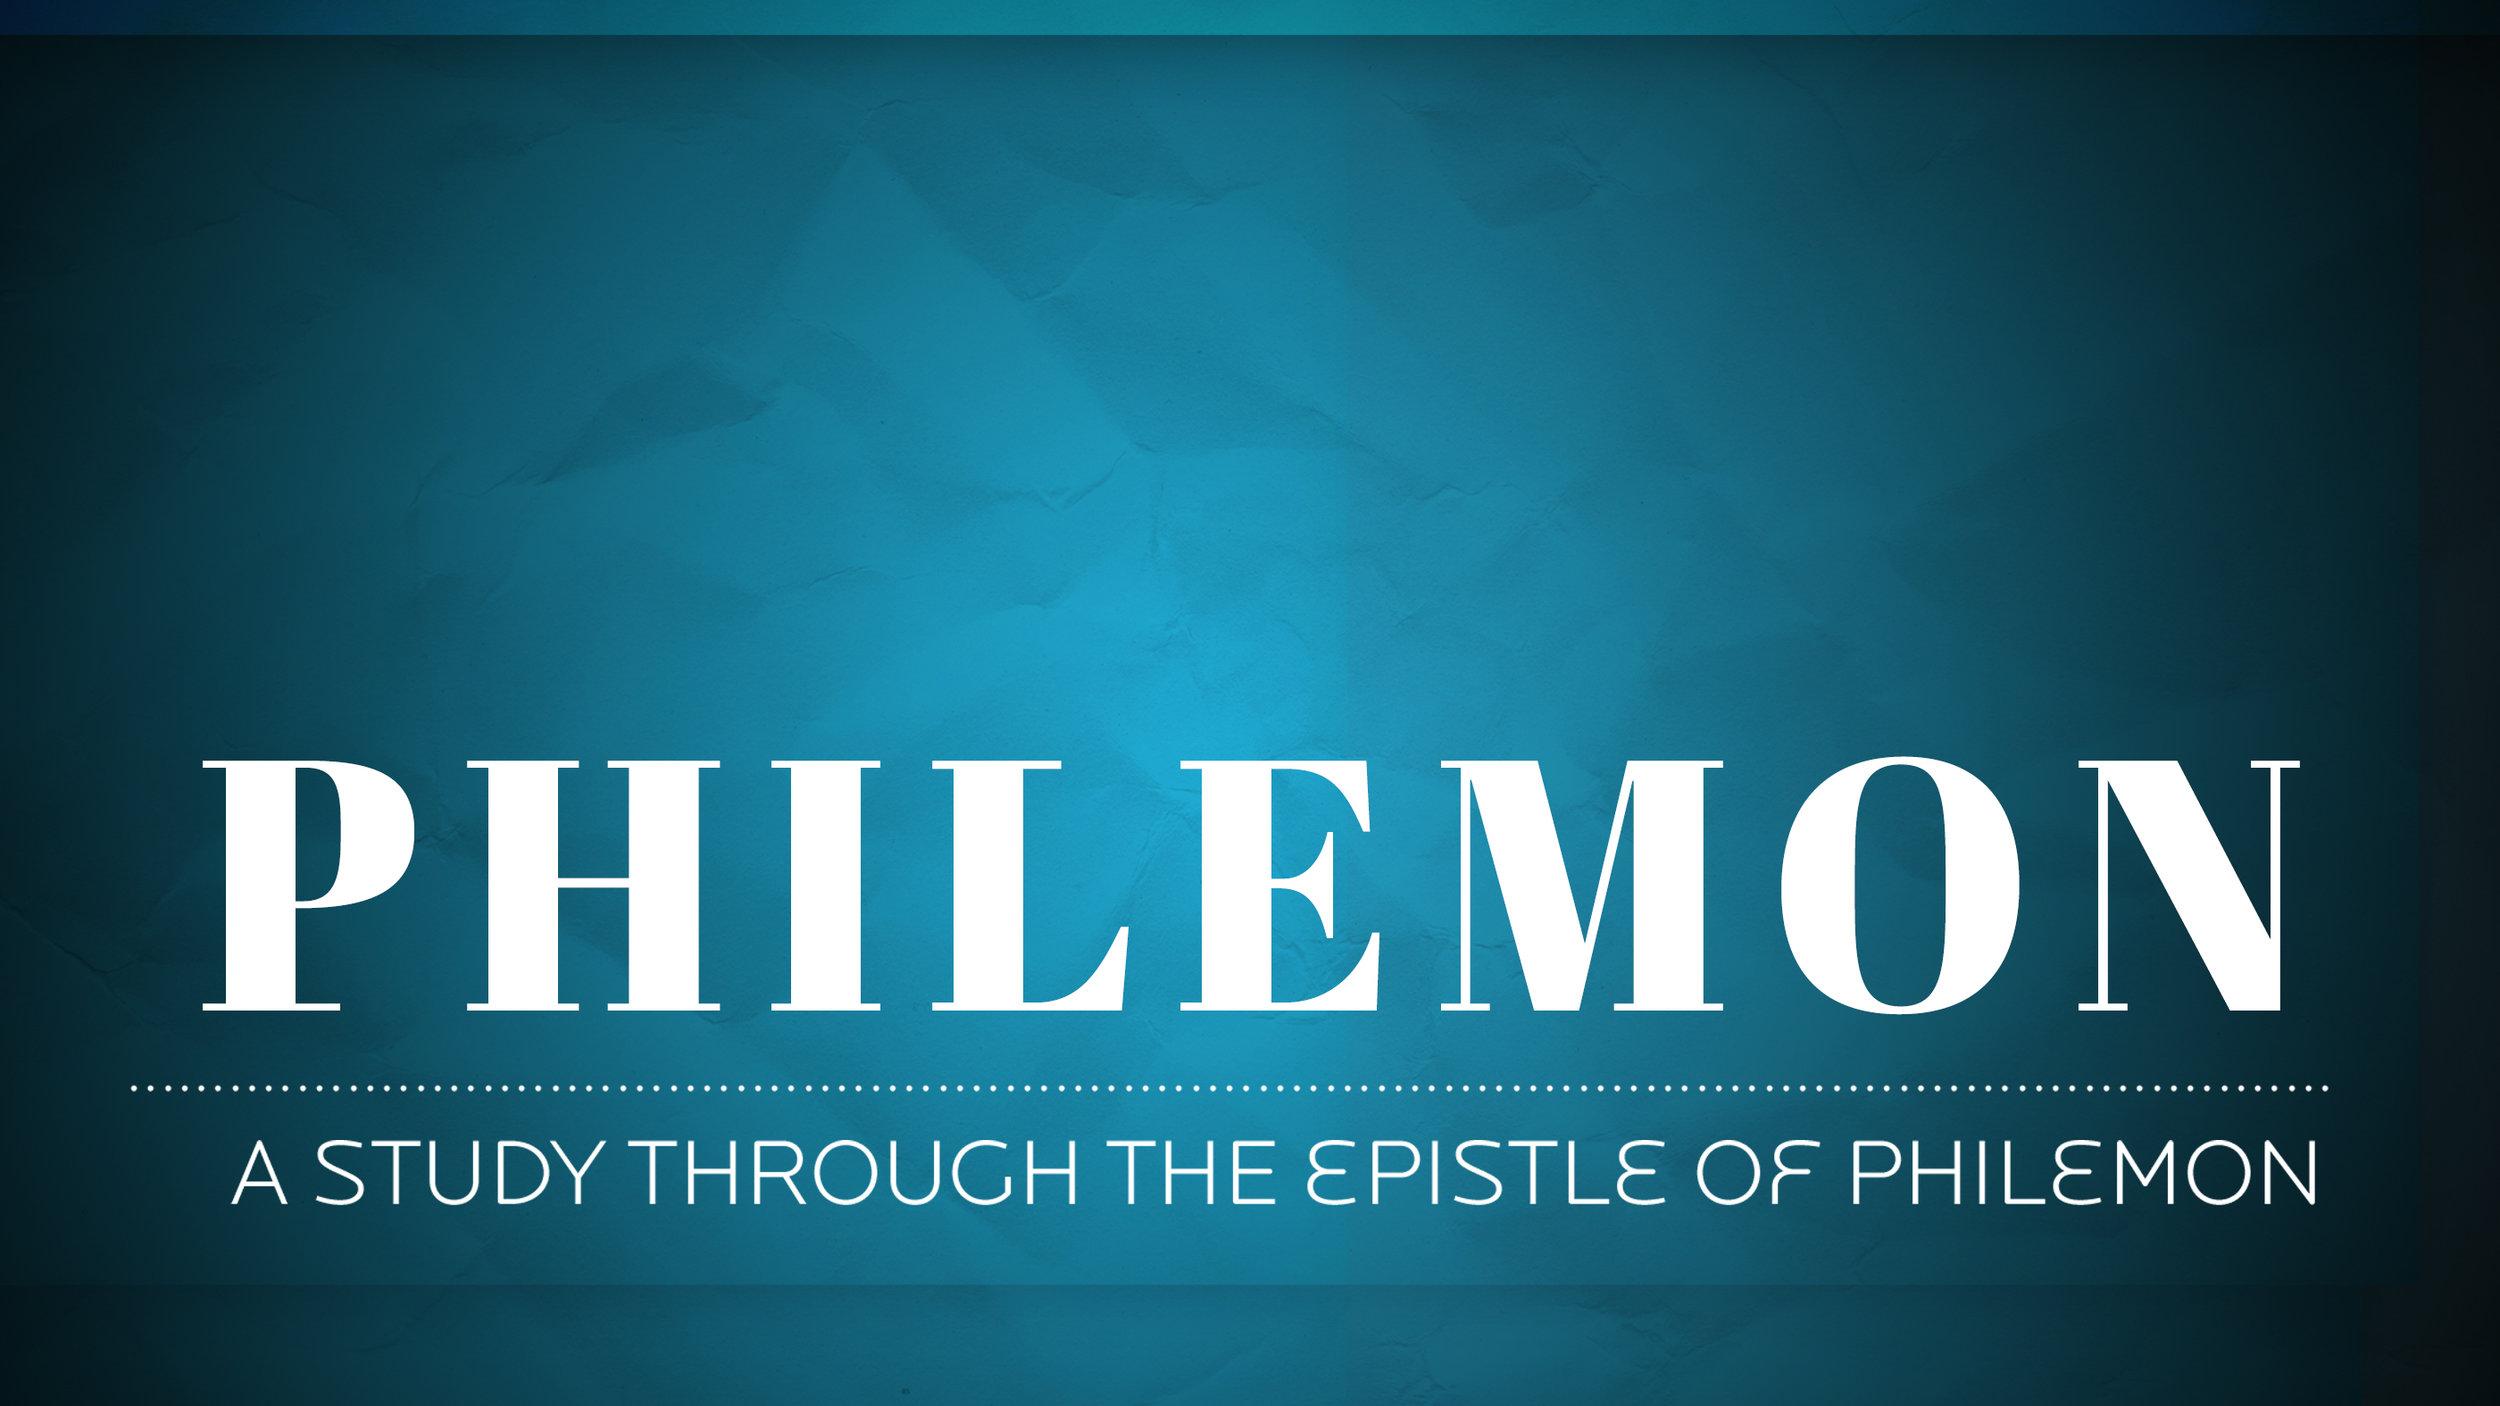 philemon_PSD.jpg